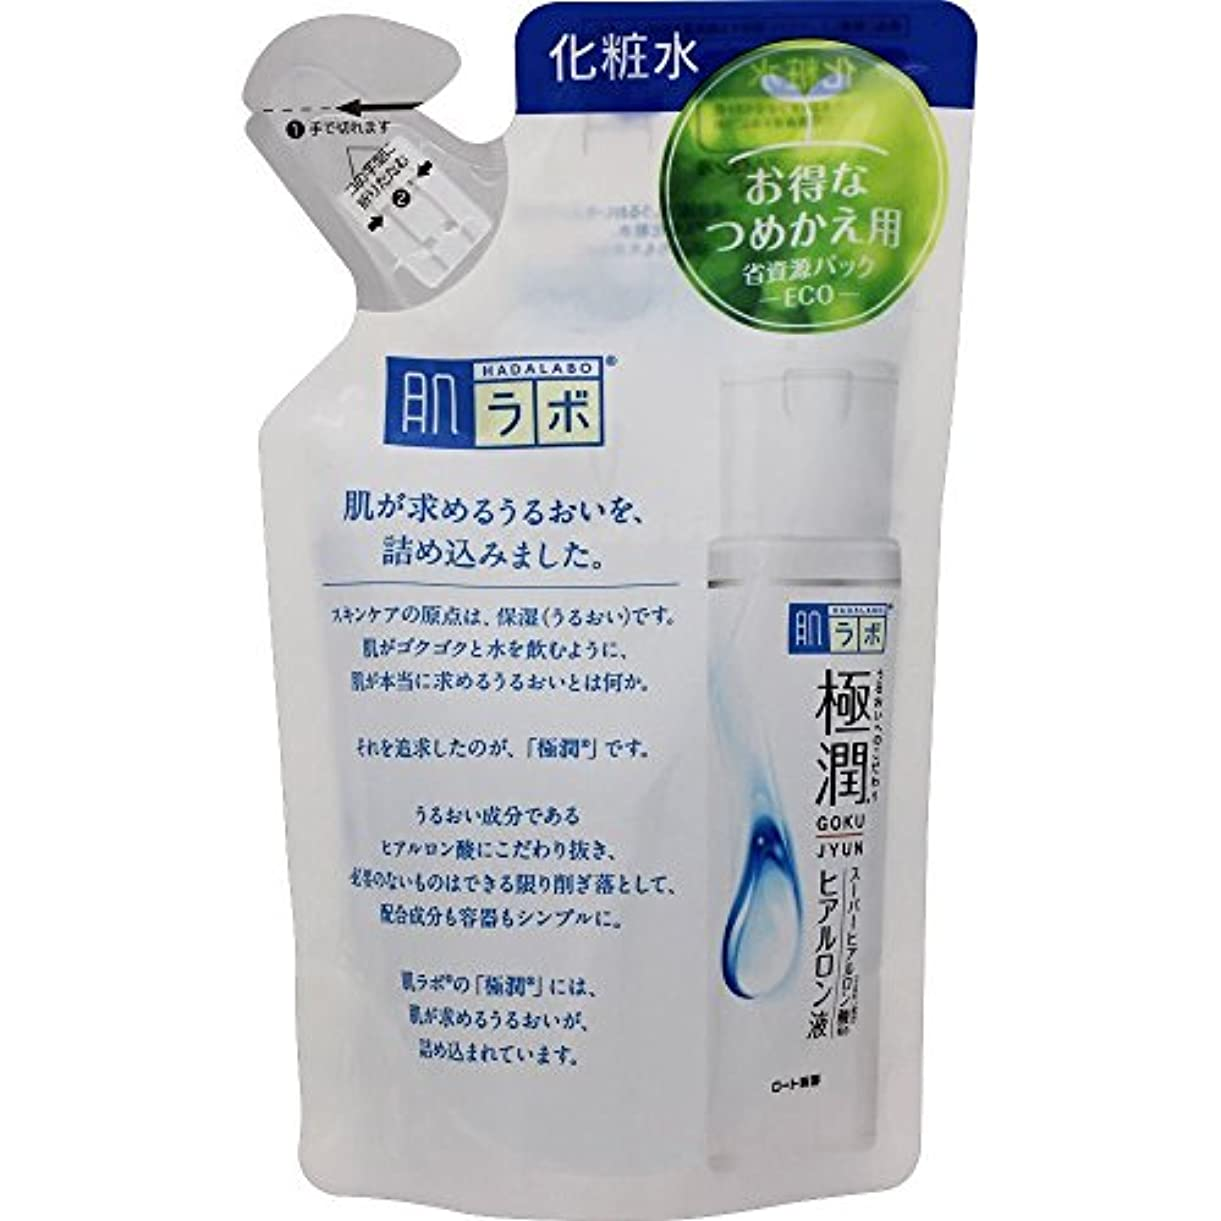 合理的ハウジング放射能肌ラボ 極潤ヒアルロン液 つめかえ用 170ml